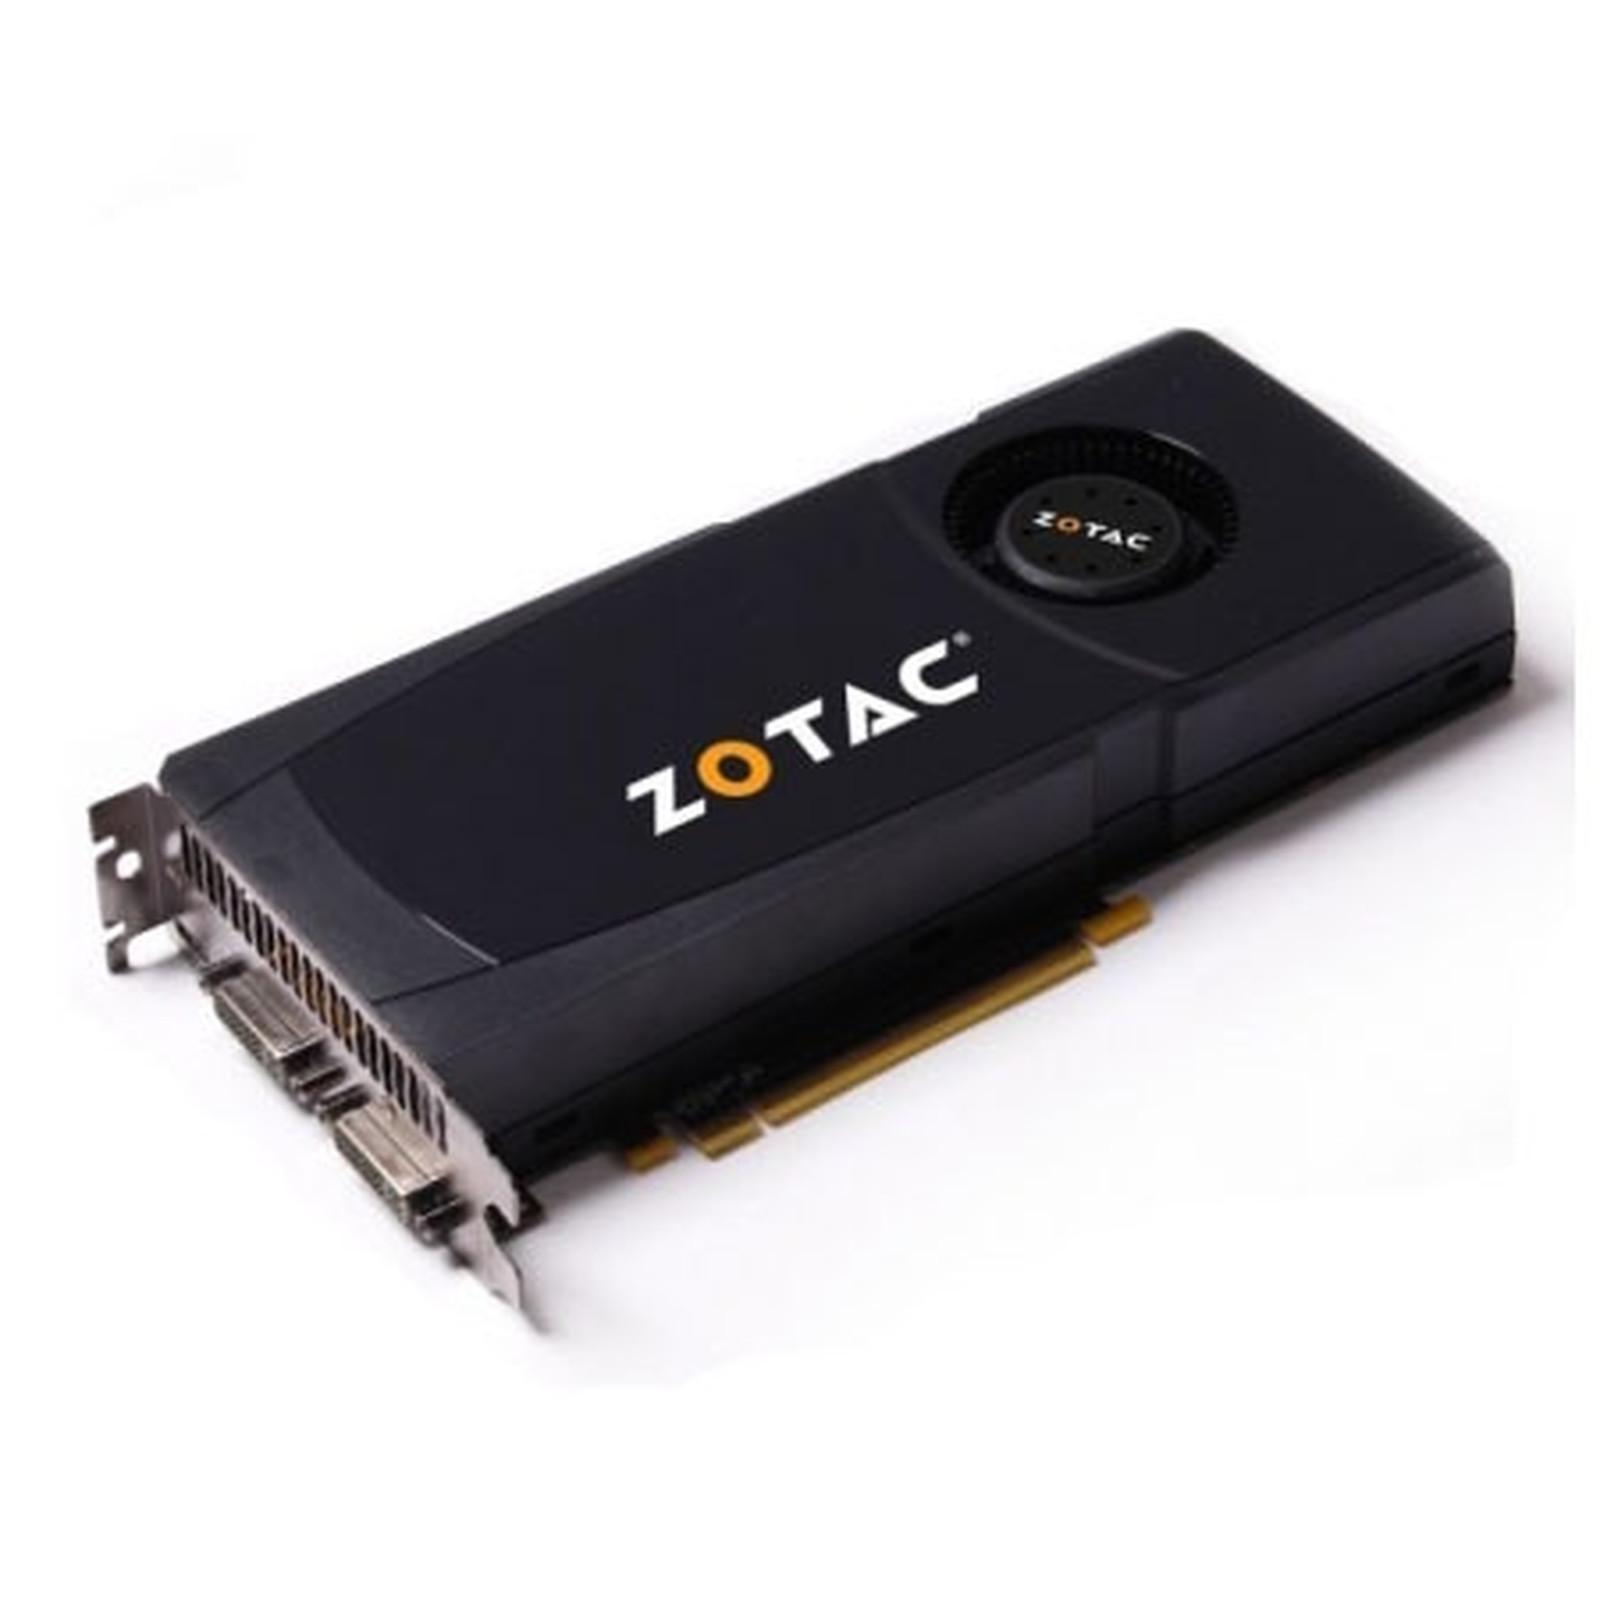 ZOTAC GeForce GTX470